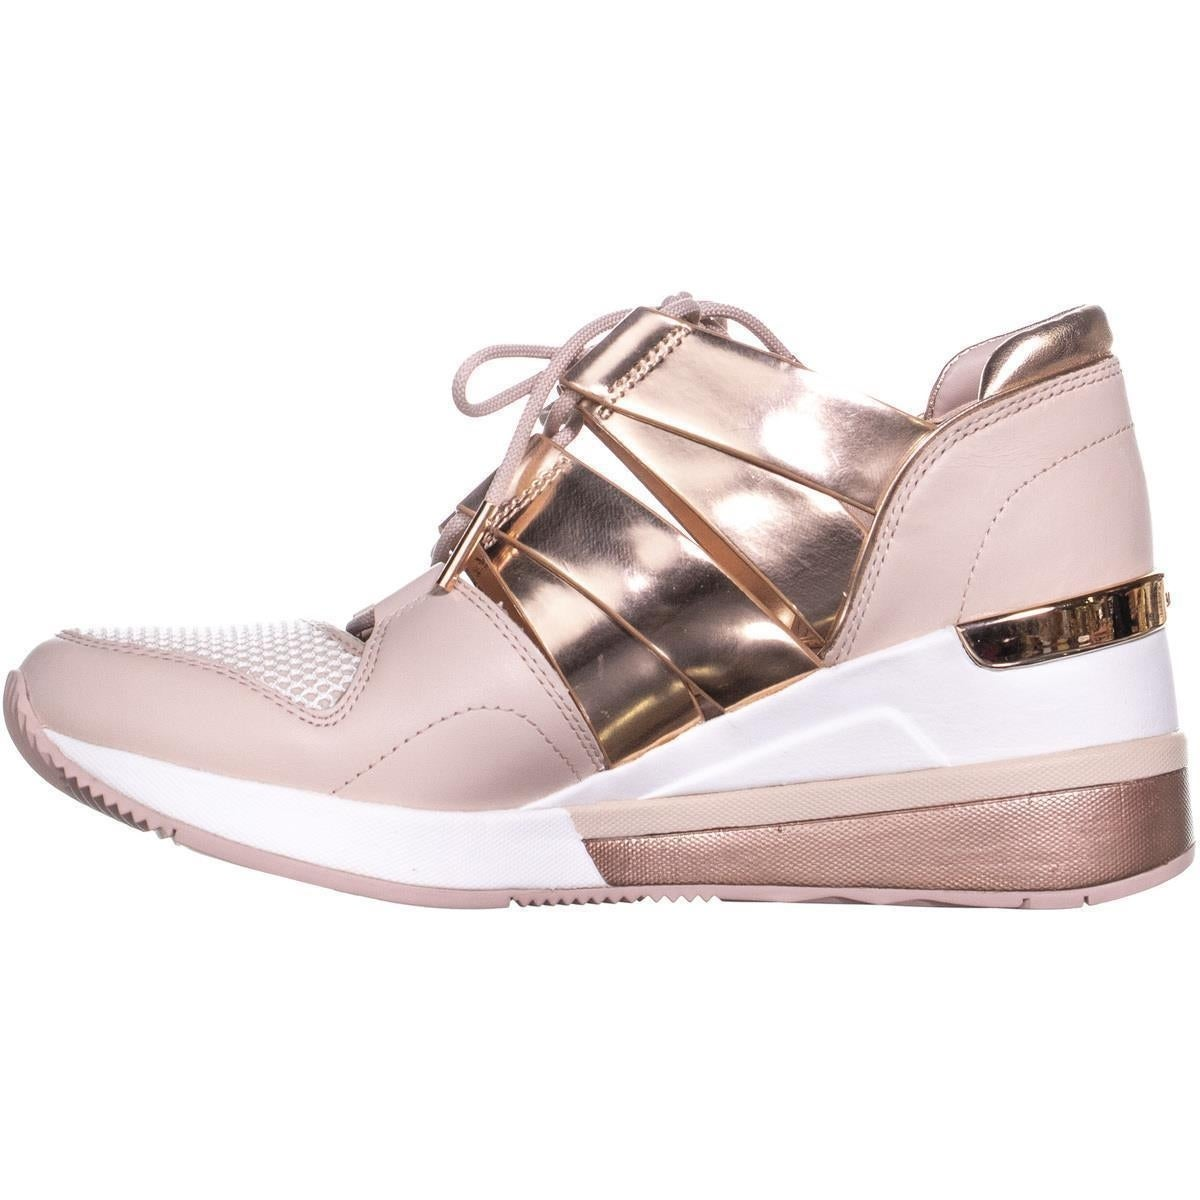 Shop MICHAEL Michael Kors Beckett Trainer Sneakers 2ec9b741a